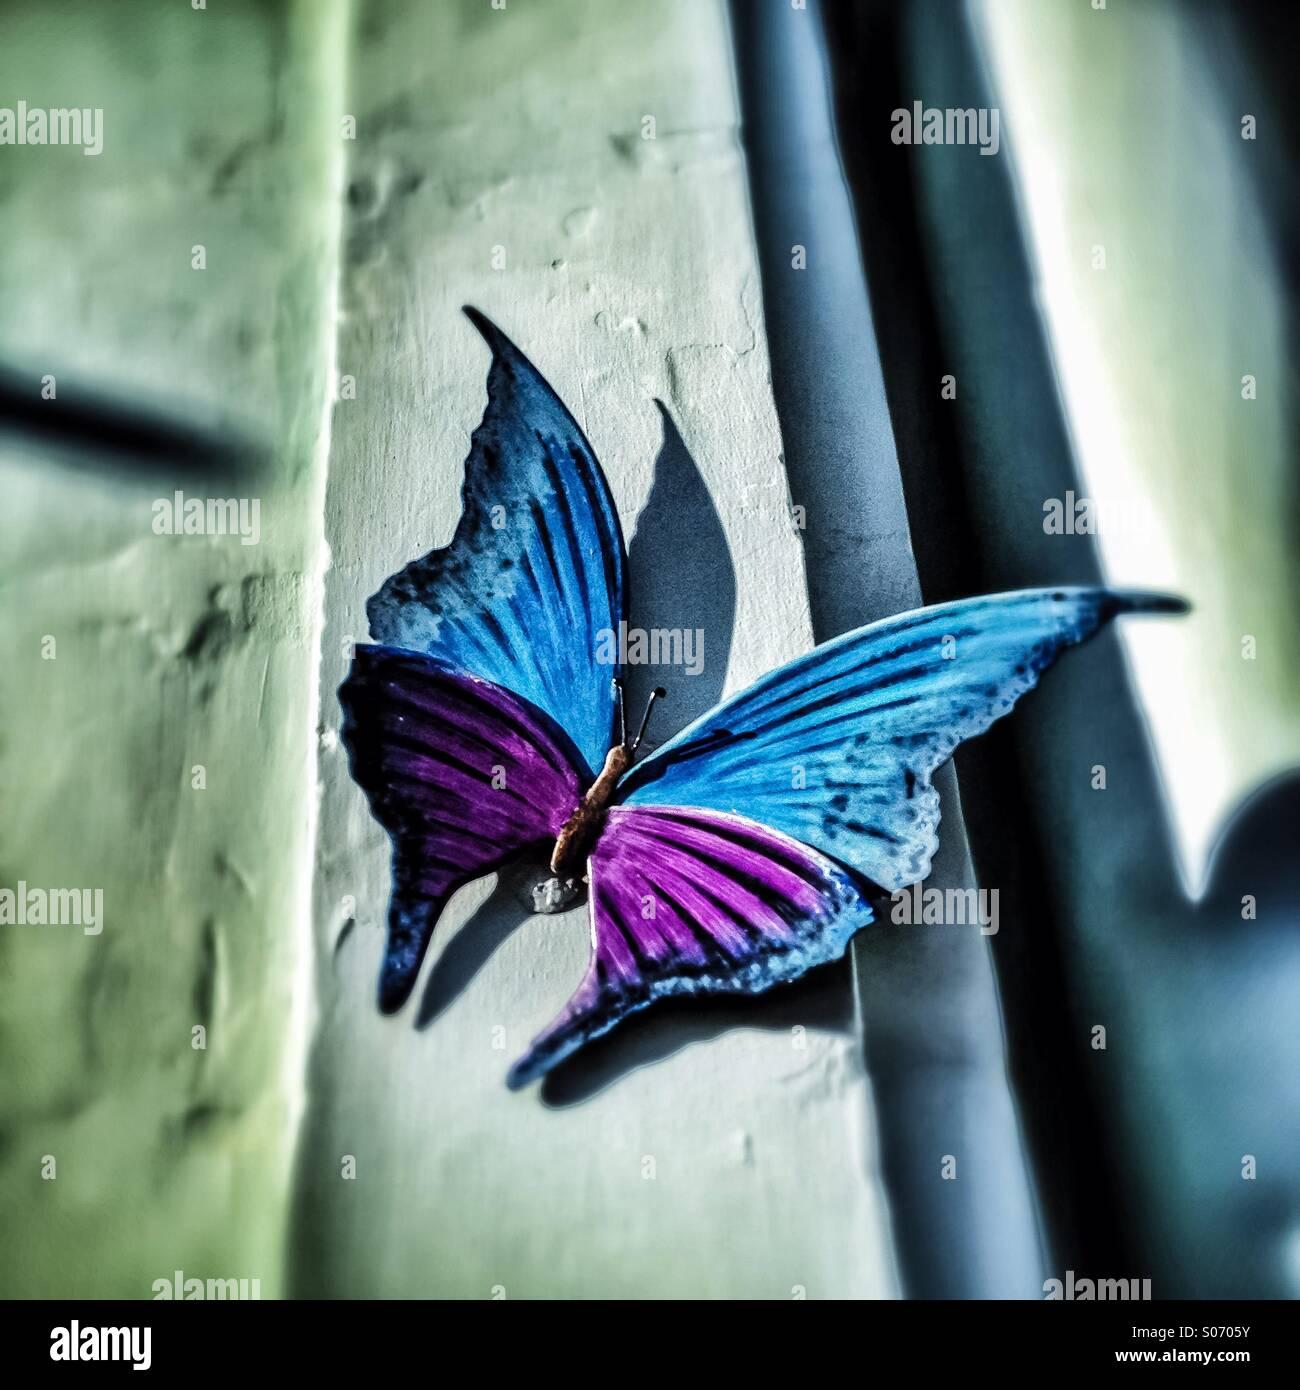 Escultura de mariposas decorar una pared Imagen De Stock